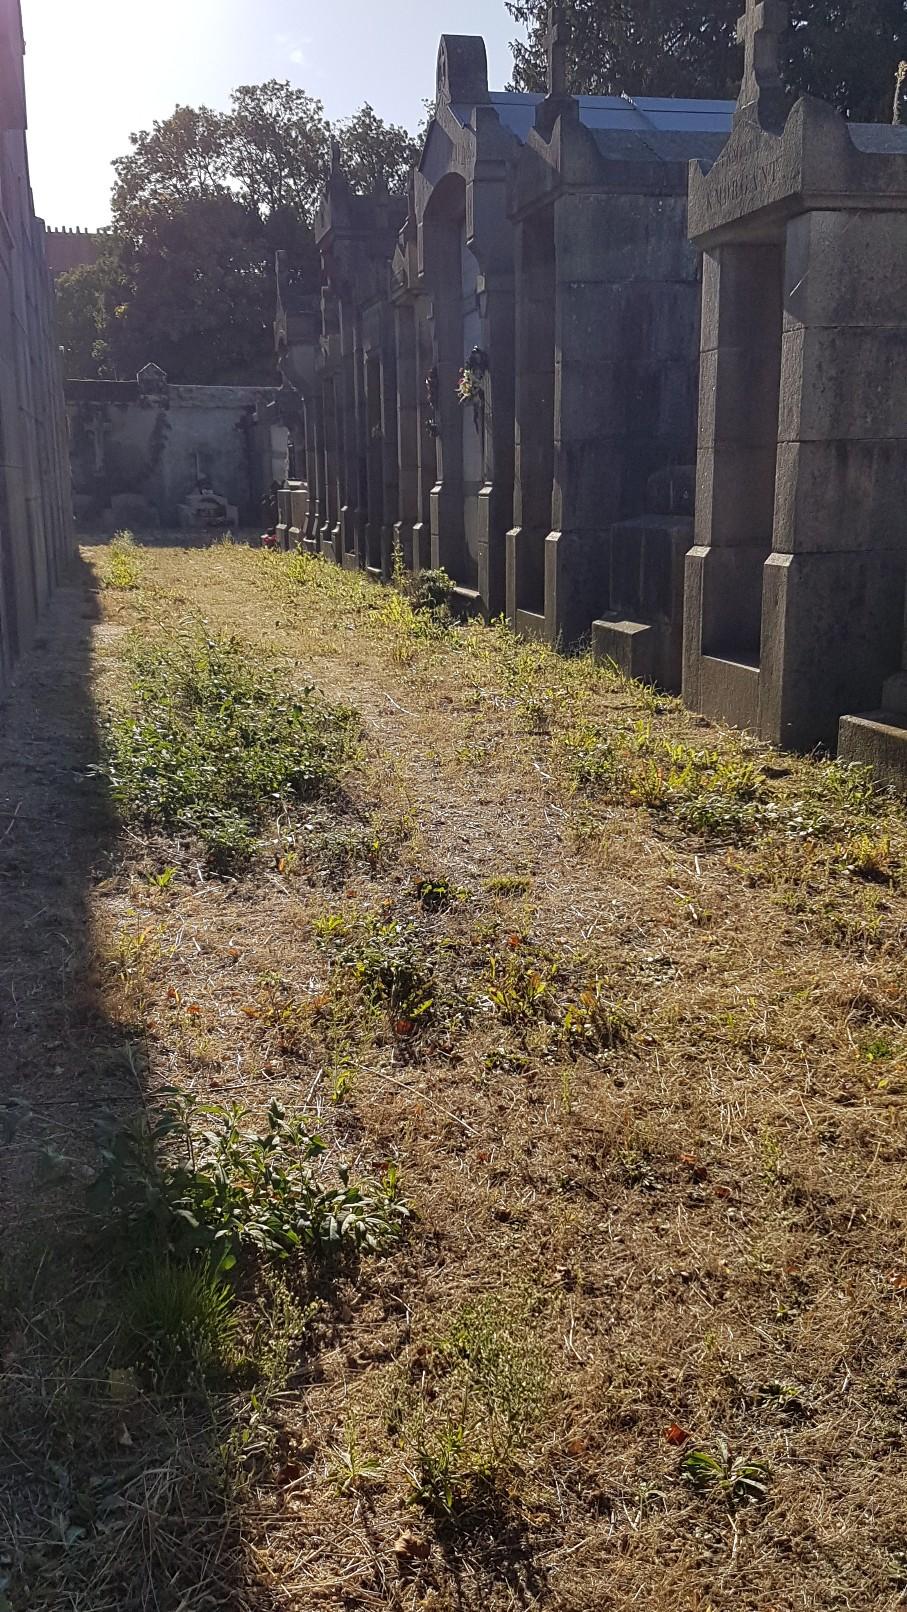 Au pied de mon arbre ... - Les cimetières pleins de vie - Page 2 20181026